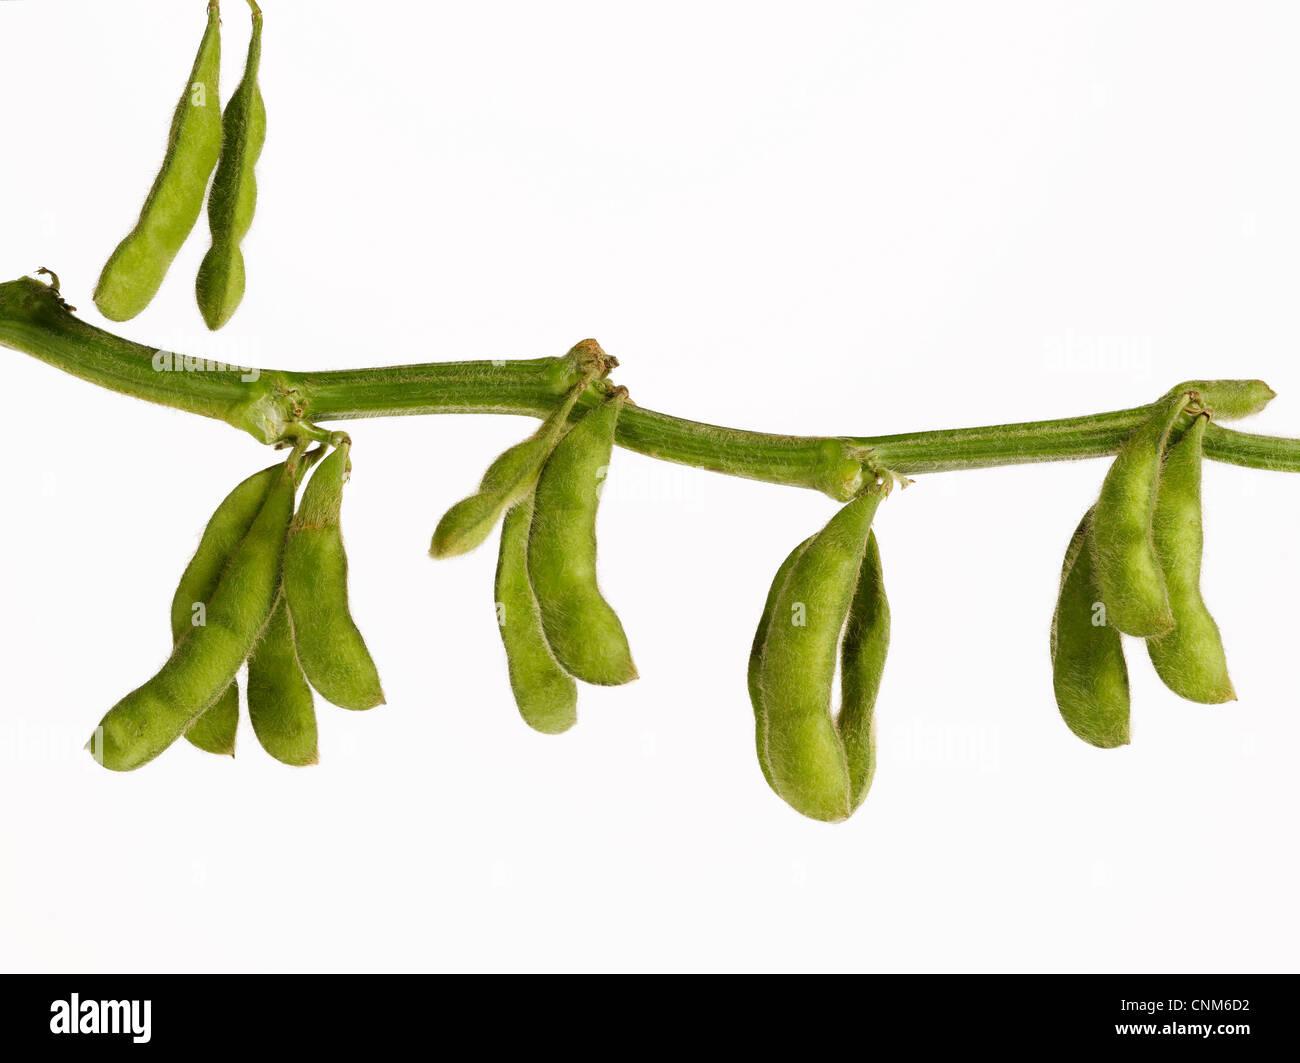 La direction générale sur les gousses de soja Photo Stock